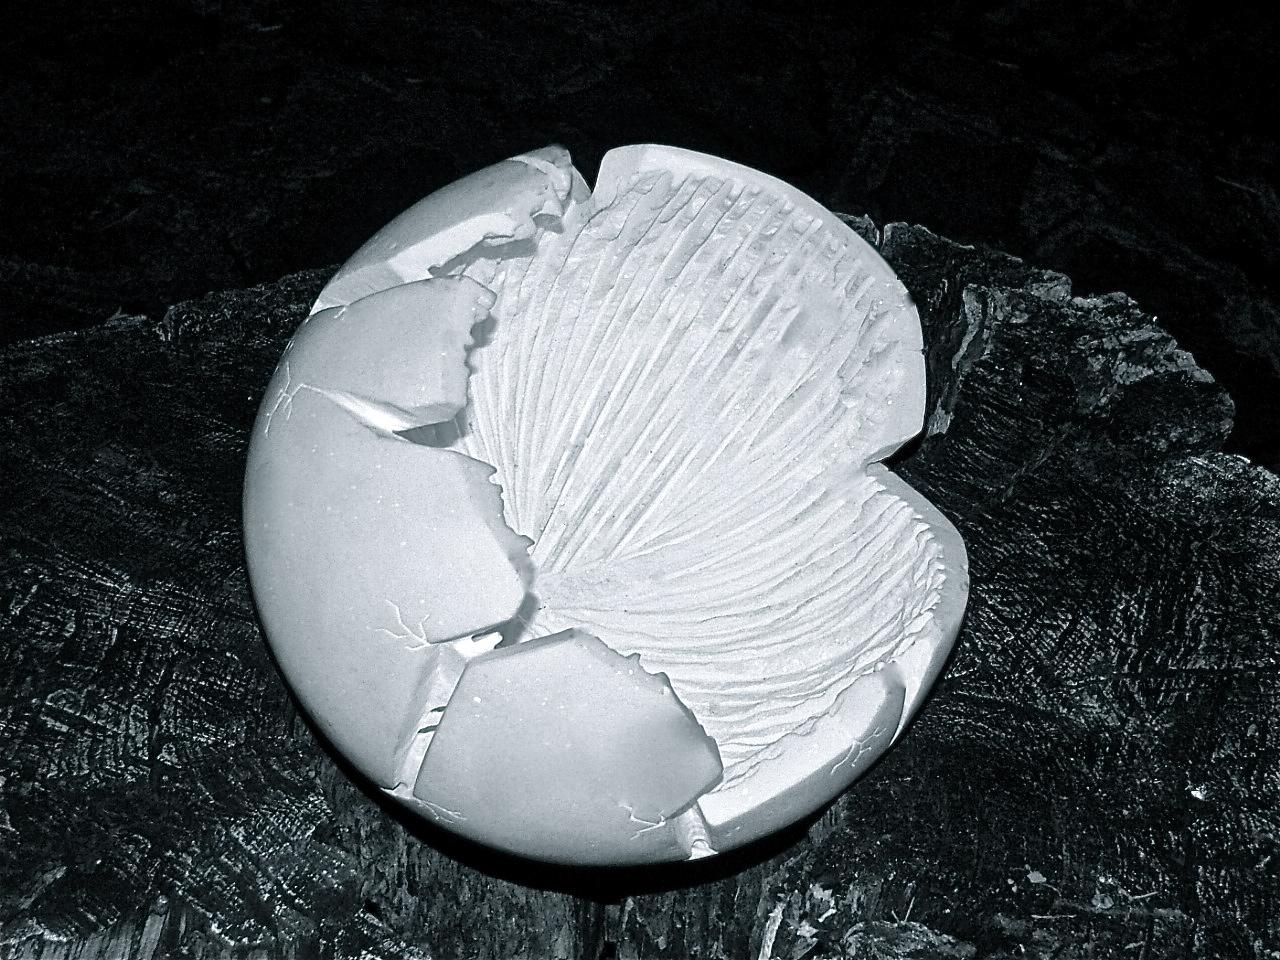 Nazareno Biondo, _Perfezione Imperfetta_. Marmo Bianco Greco Pentelico.33x33x33cm 2008